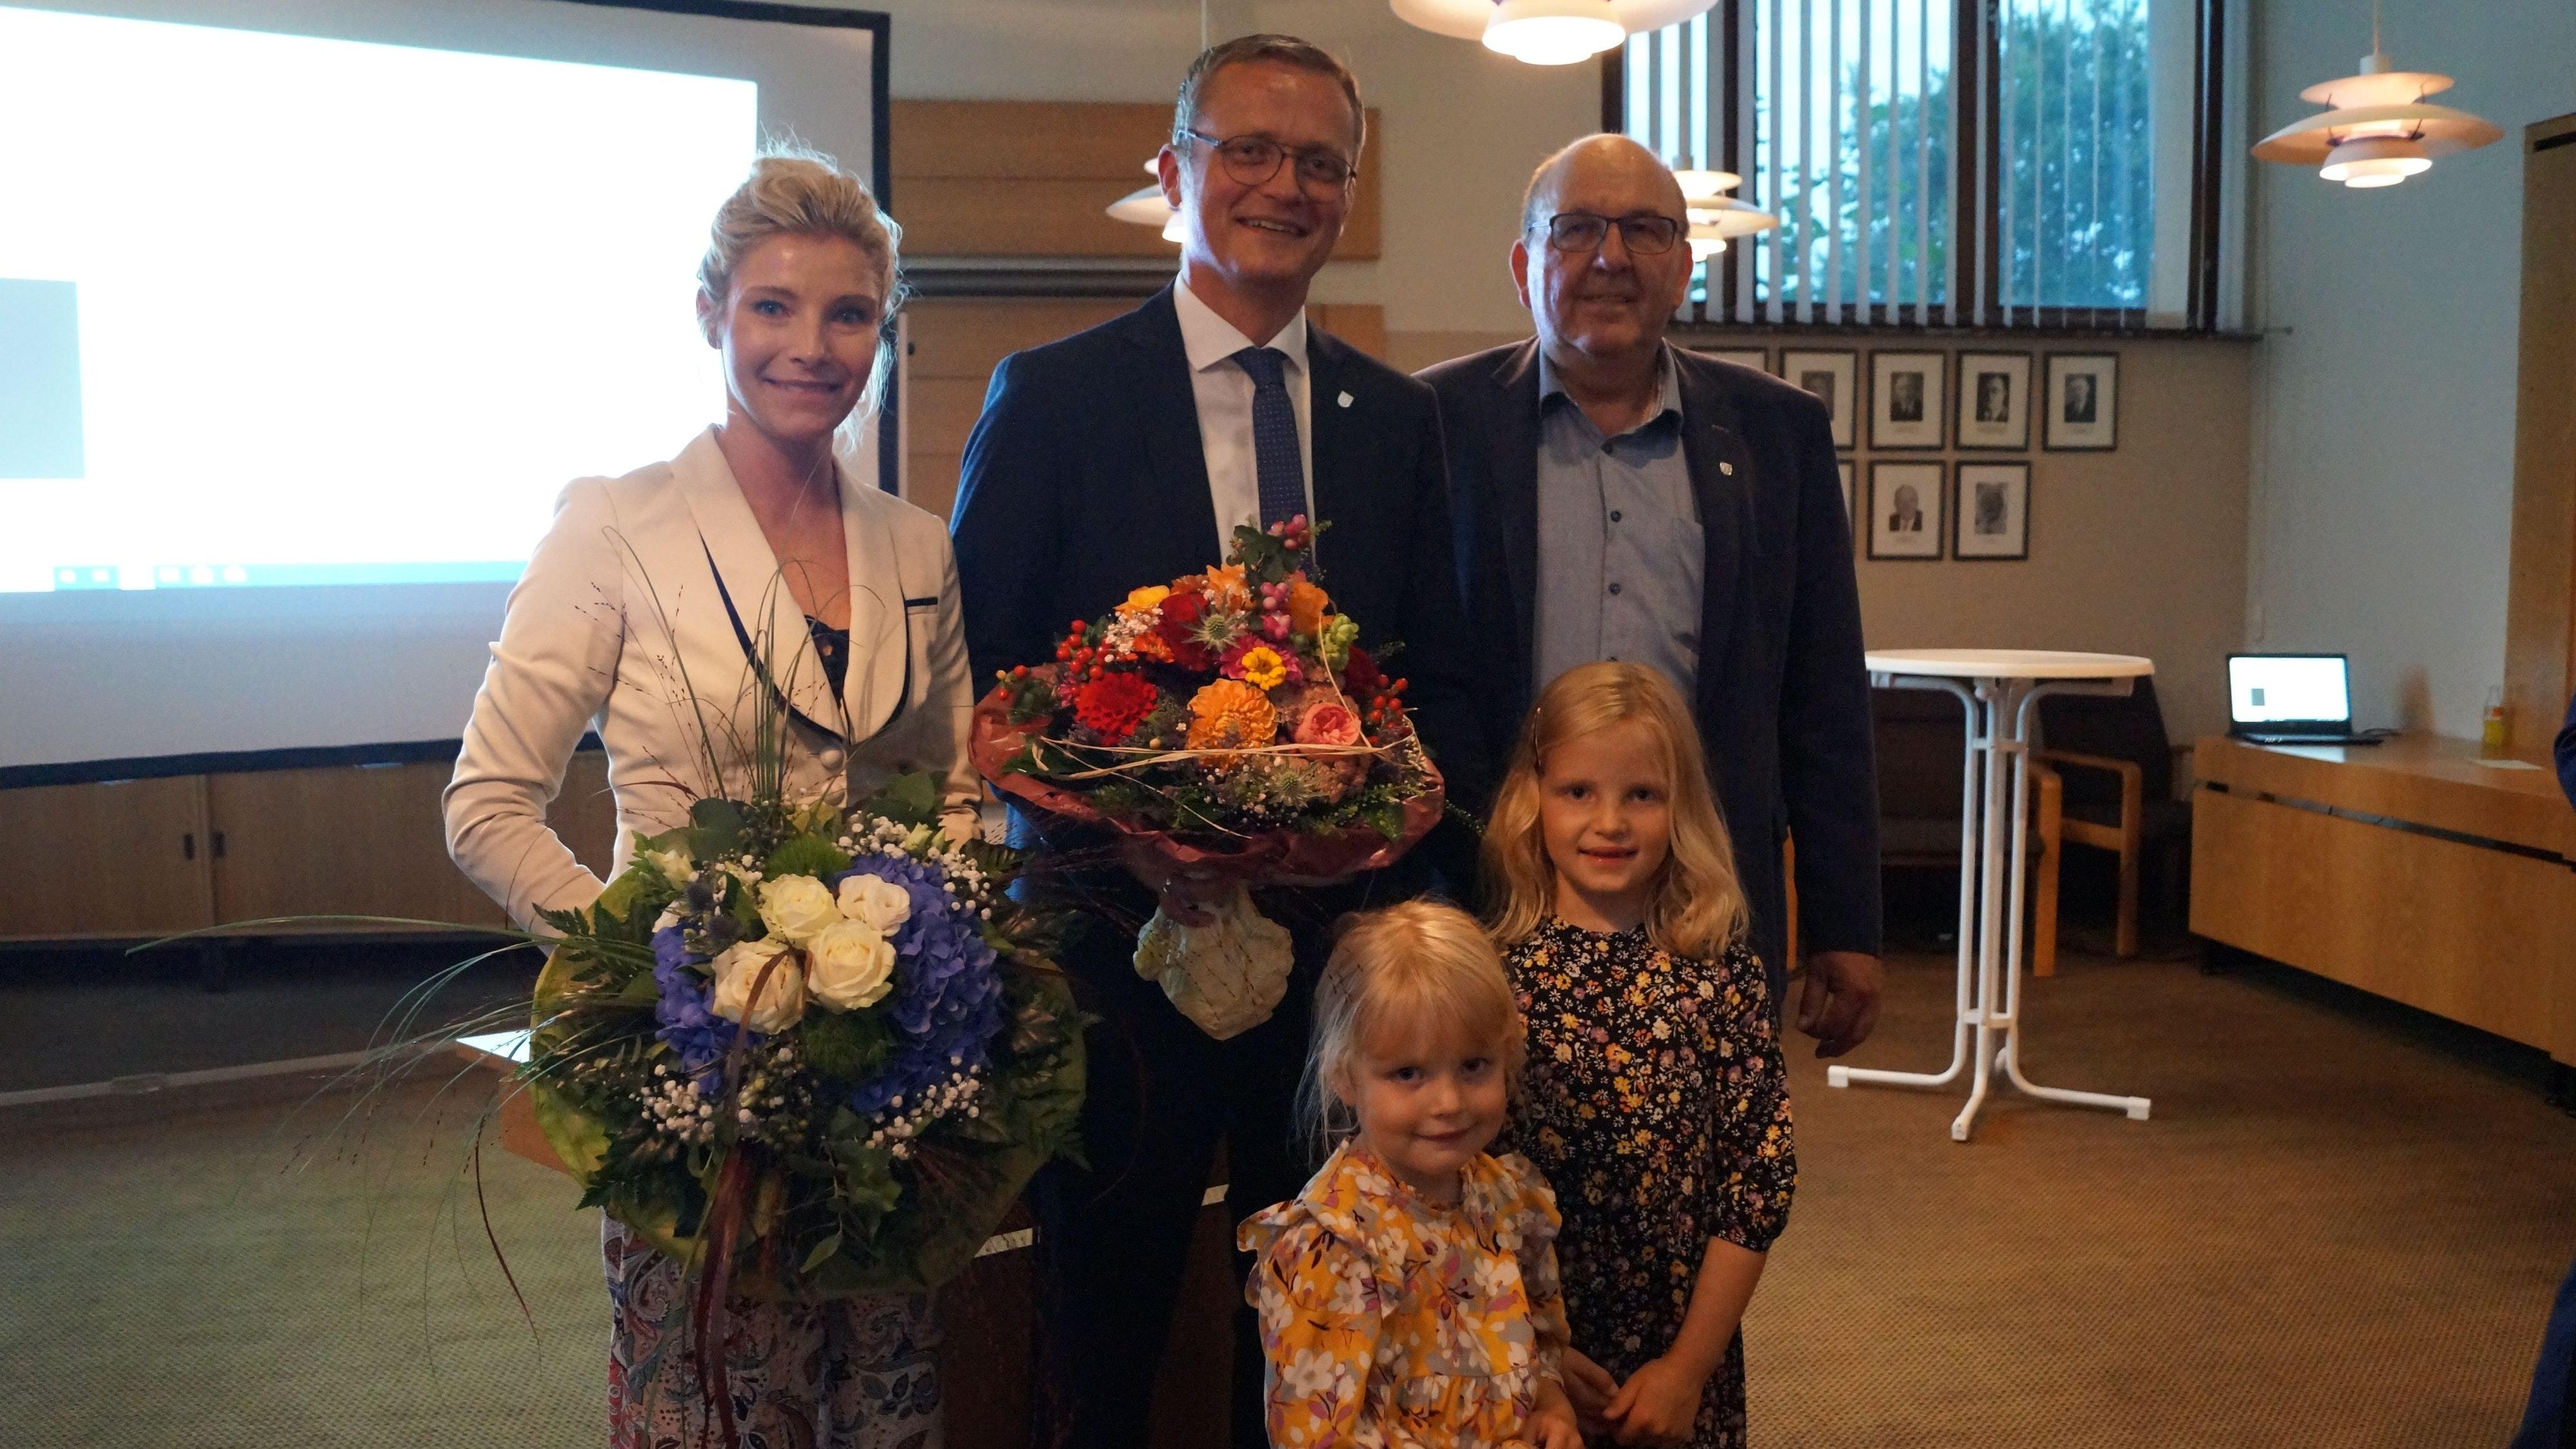 Die ersten Gratulanten waren Ehefrau Marita, die beiden Töchter sowie CDU-Gemeindeverbandsvorsitzender Franz Hölscher (rechts). Tobias Averbeck bleibt Bürgermeister in Bakum. Foto: Carina Meyer